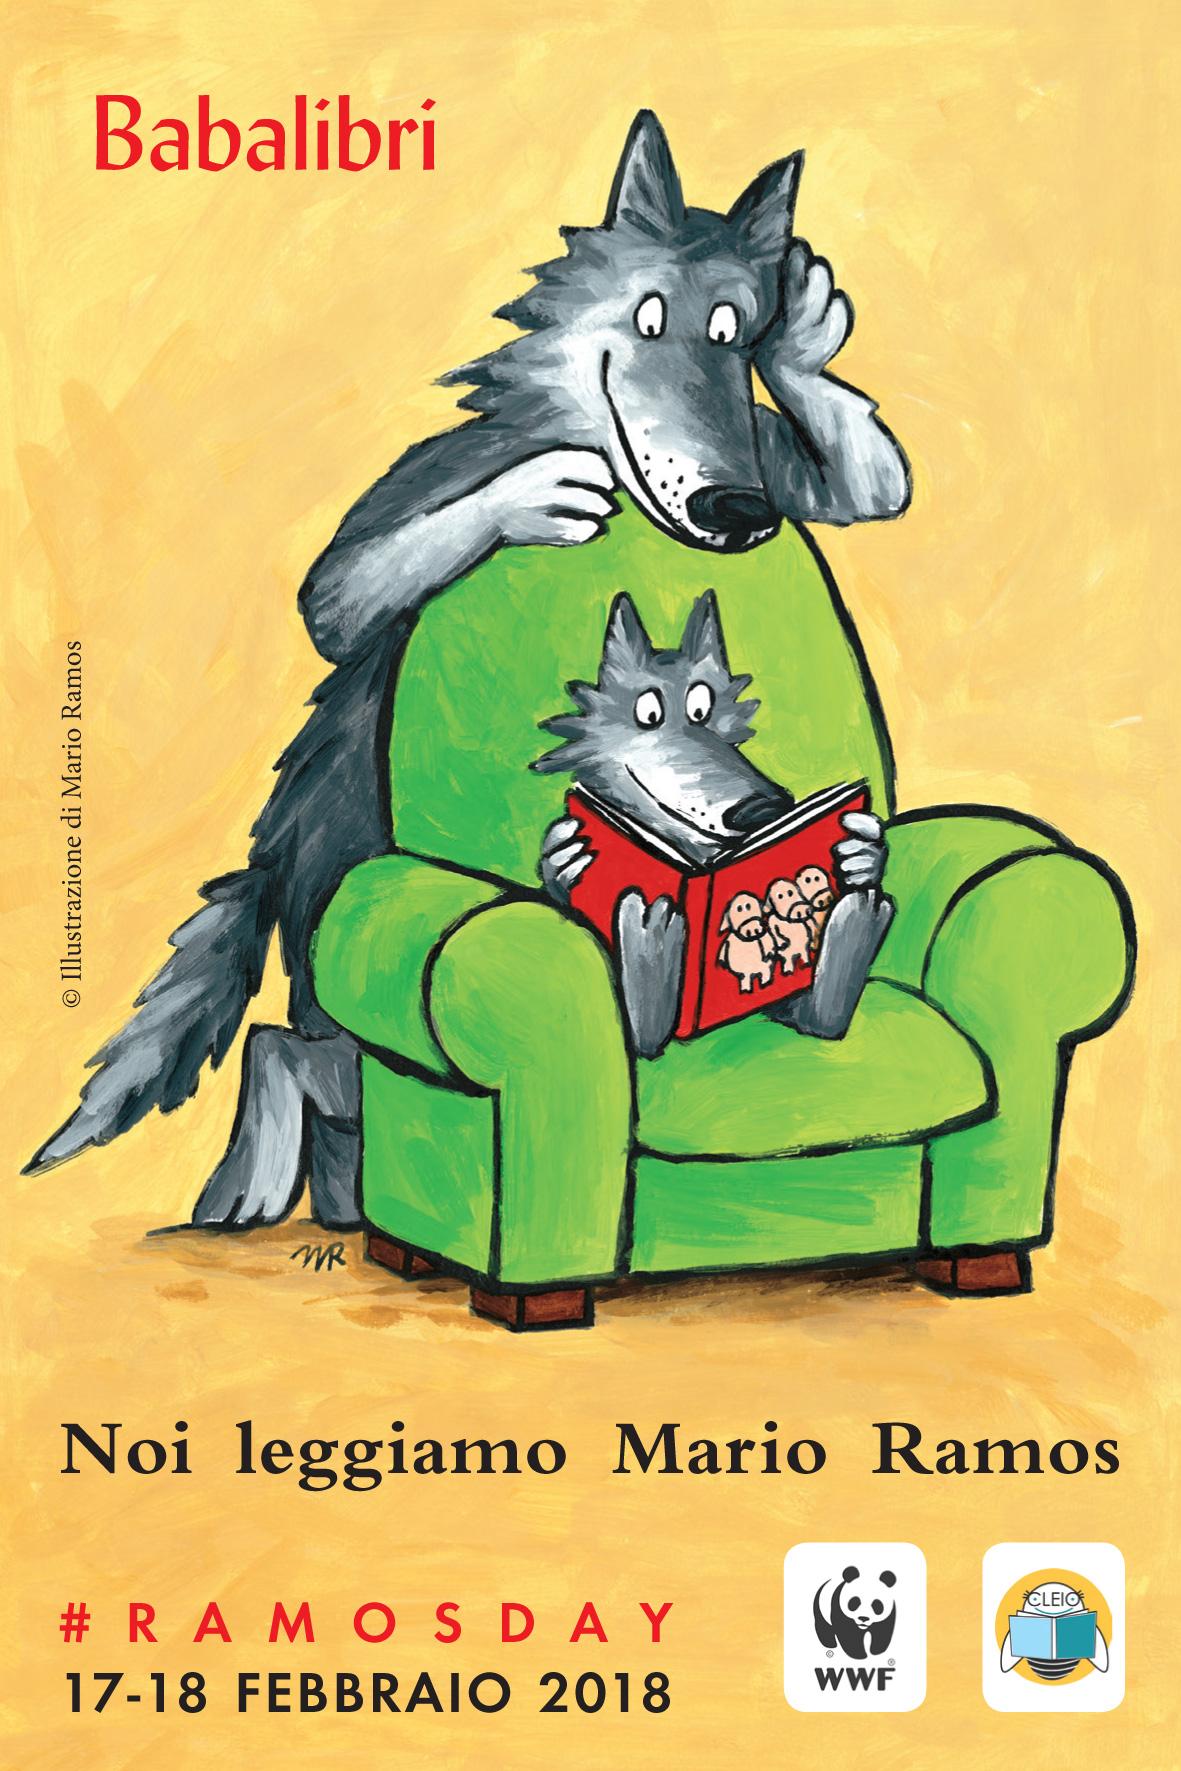 Ramos-Day_Cartolina_12012018_HD-2